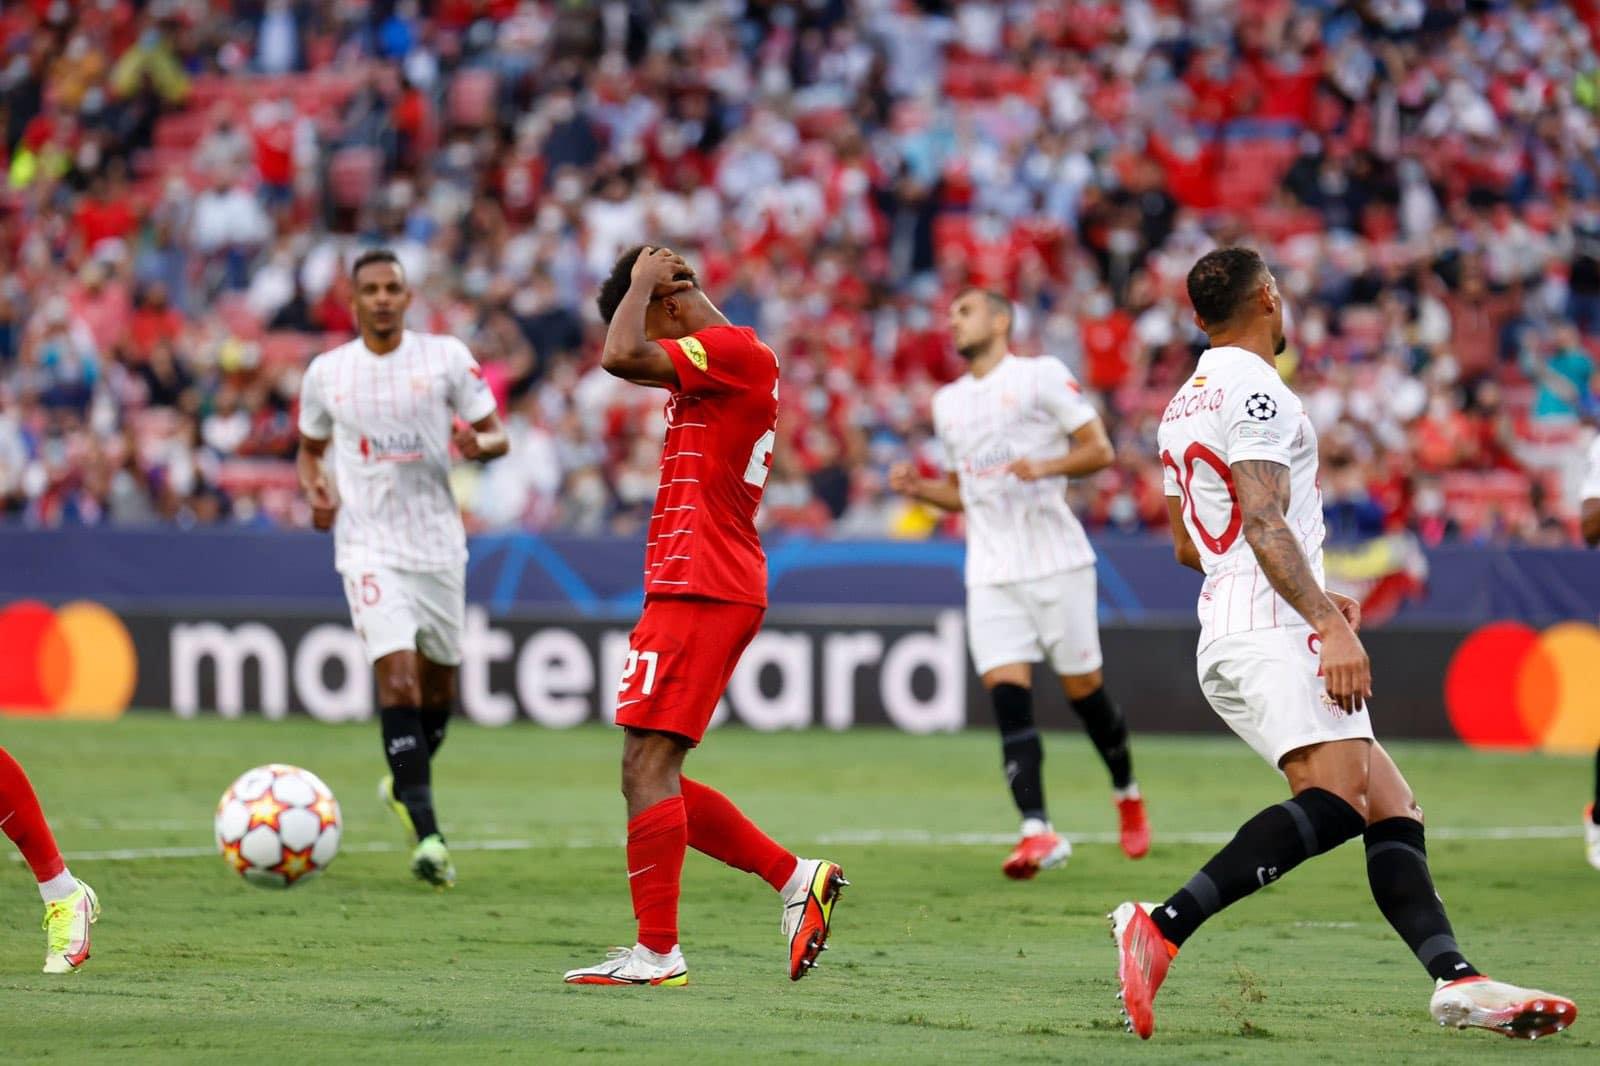 إشبيلية يسقط في فخ التعادل في مباراة مثيرة أمام سالزبورغ في دوري أبطال أوروبا (شاهد)